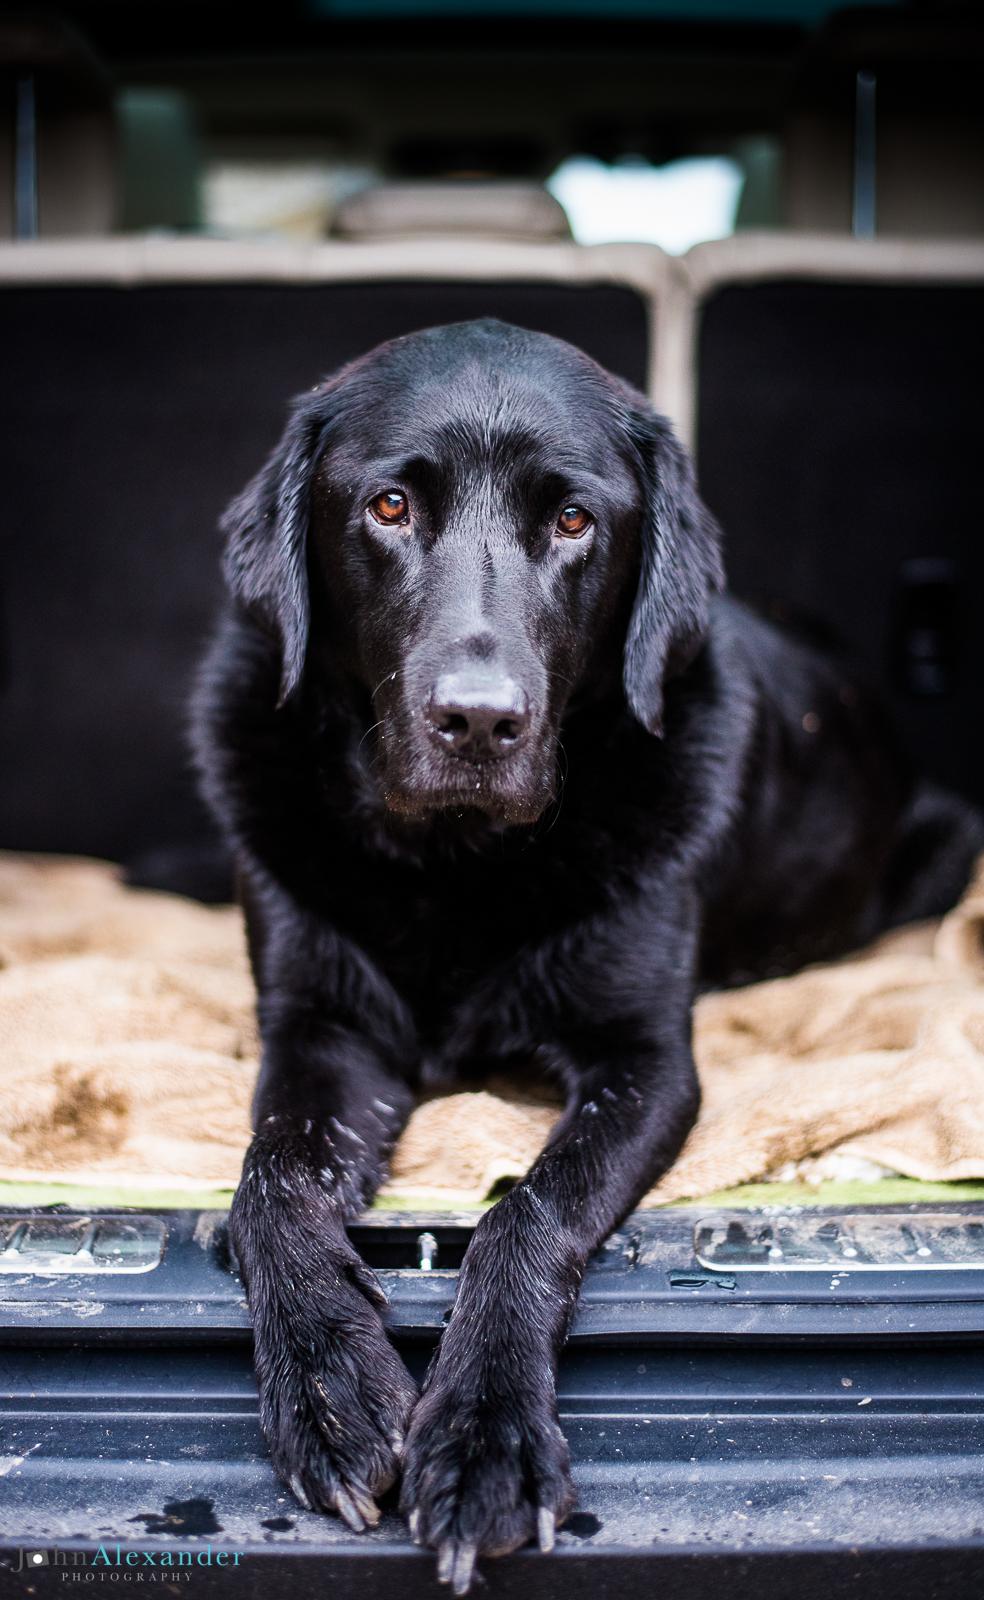 black labrador gun dog in the back of a car